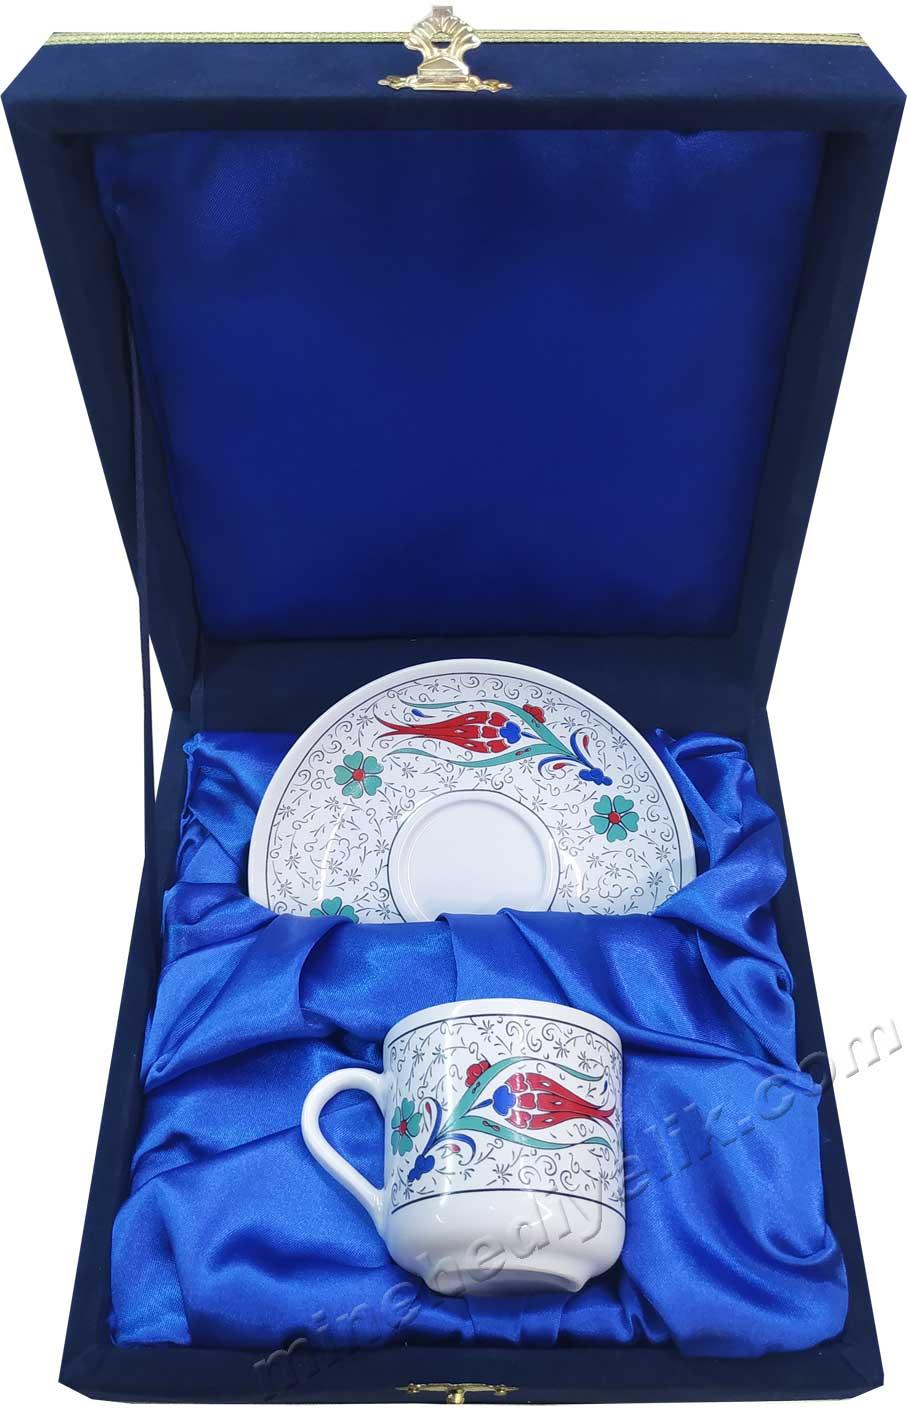 Klasik Haliç Lale Desenli Türk Kahve Fincan Takımı Tek Kişilik Kadife Kutuda